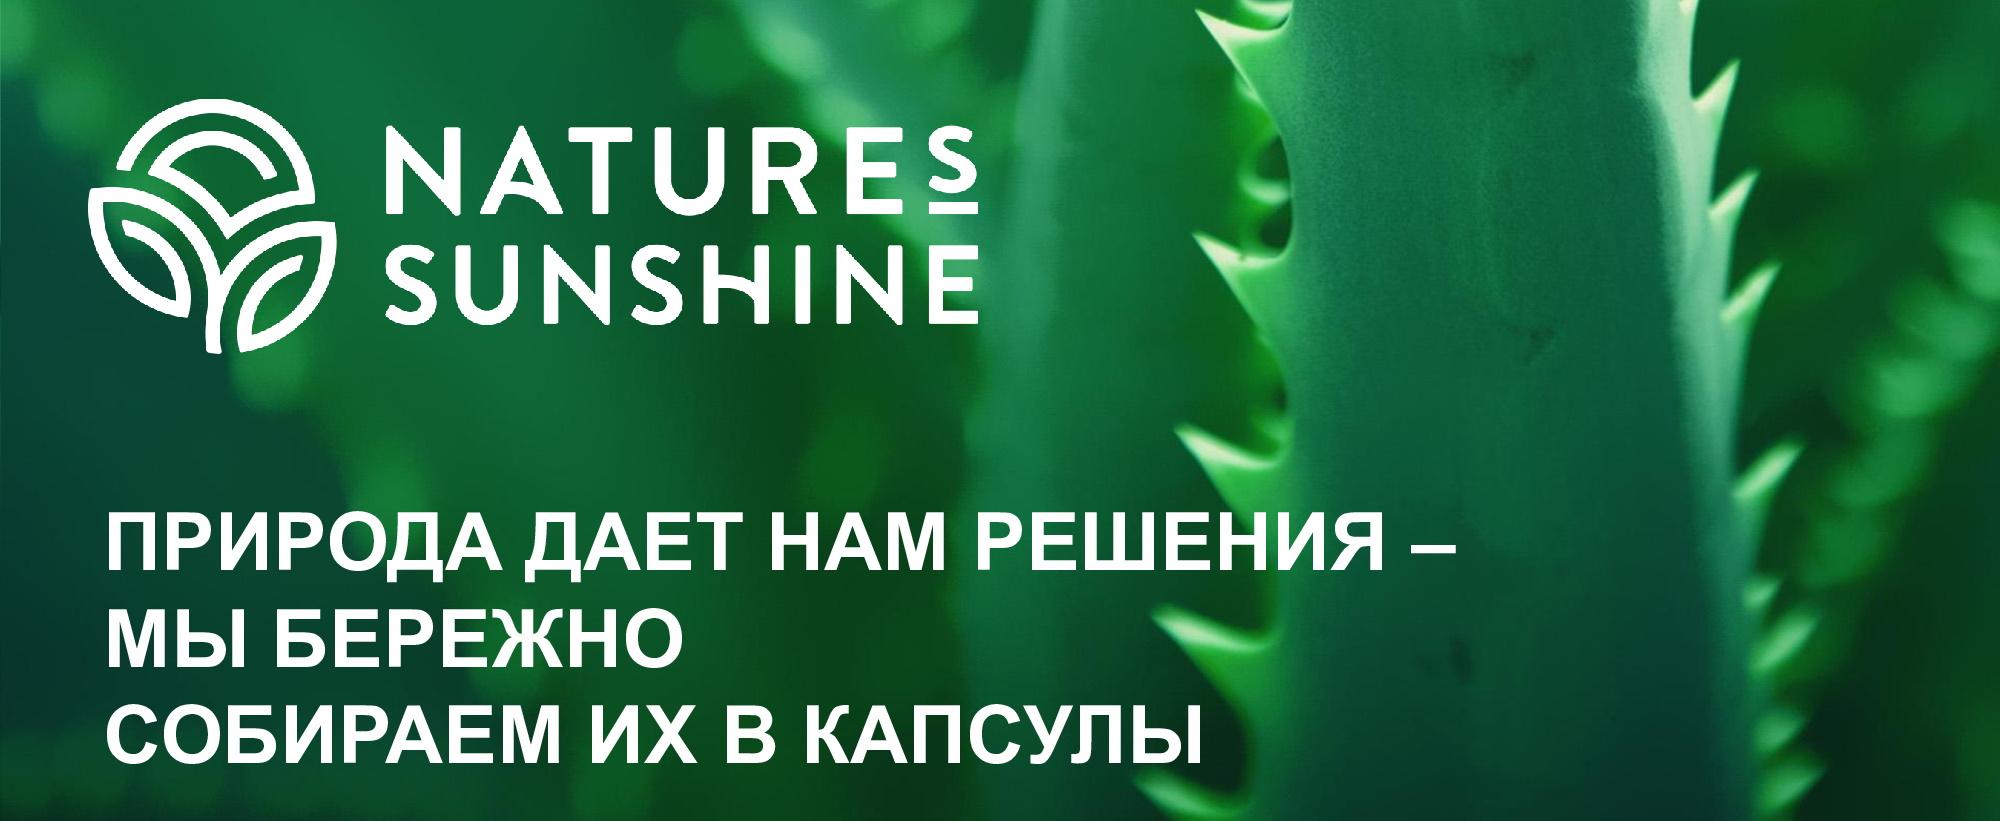 5410c9c09fa70e843e3130149e904a81 27 - Контроль качества и сертификация бад Nature's Sunshine Products